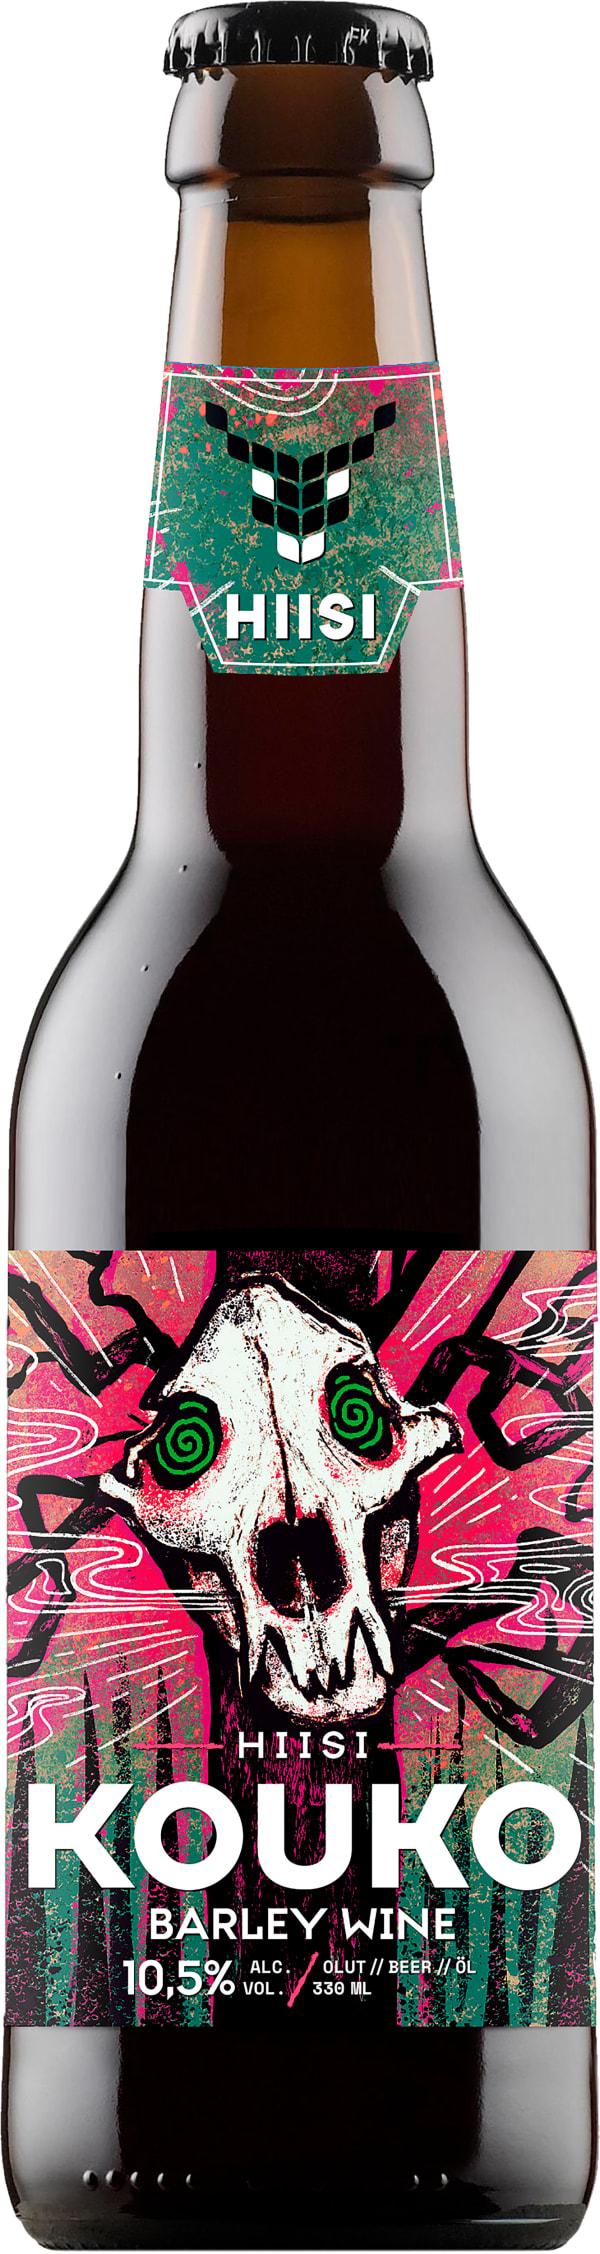 Hiisi Kouko Barley Wine